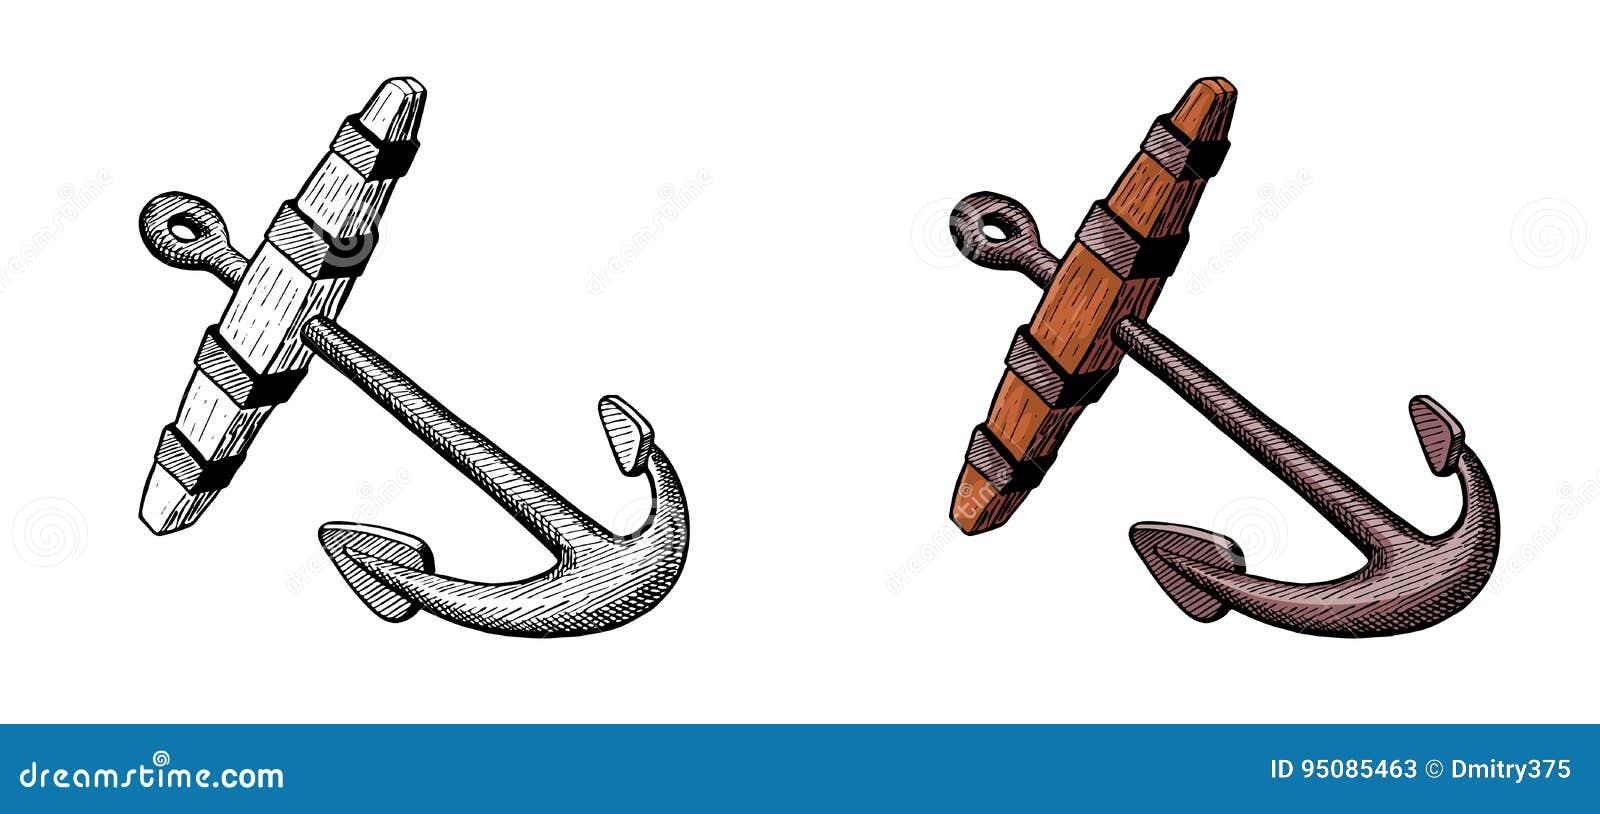 Vieille ancre pour le bateau de navigation dessin d 39 encre de main illustration de vecteur - Ancre de bateau dessin ...